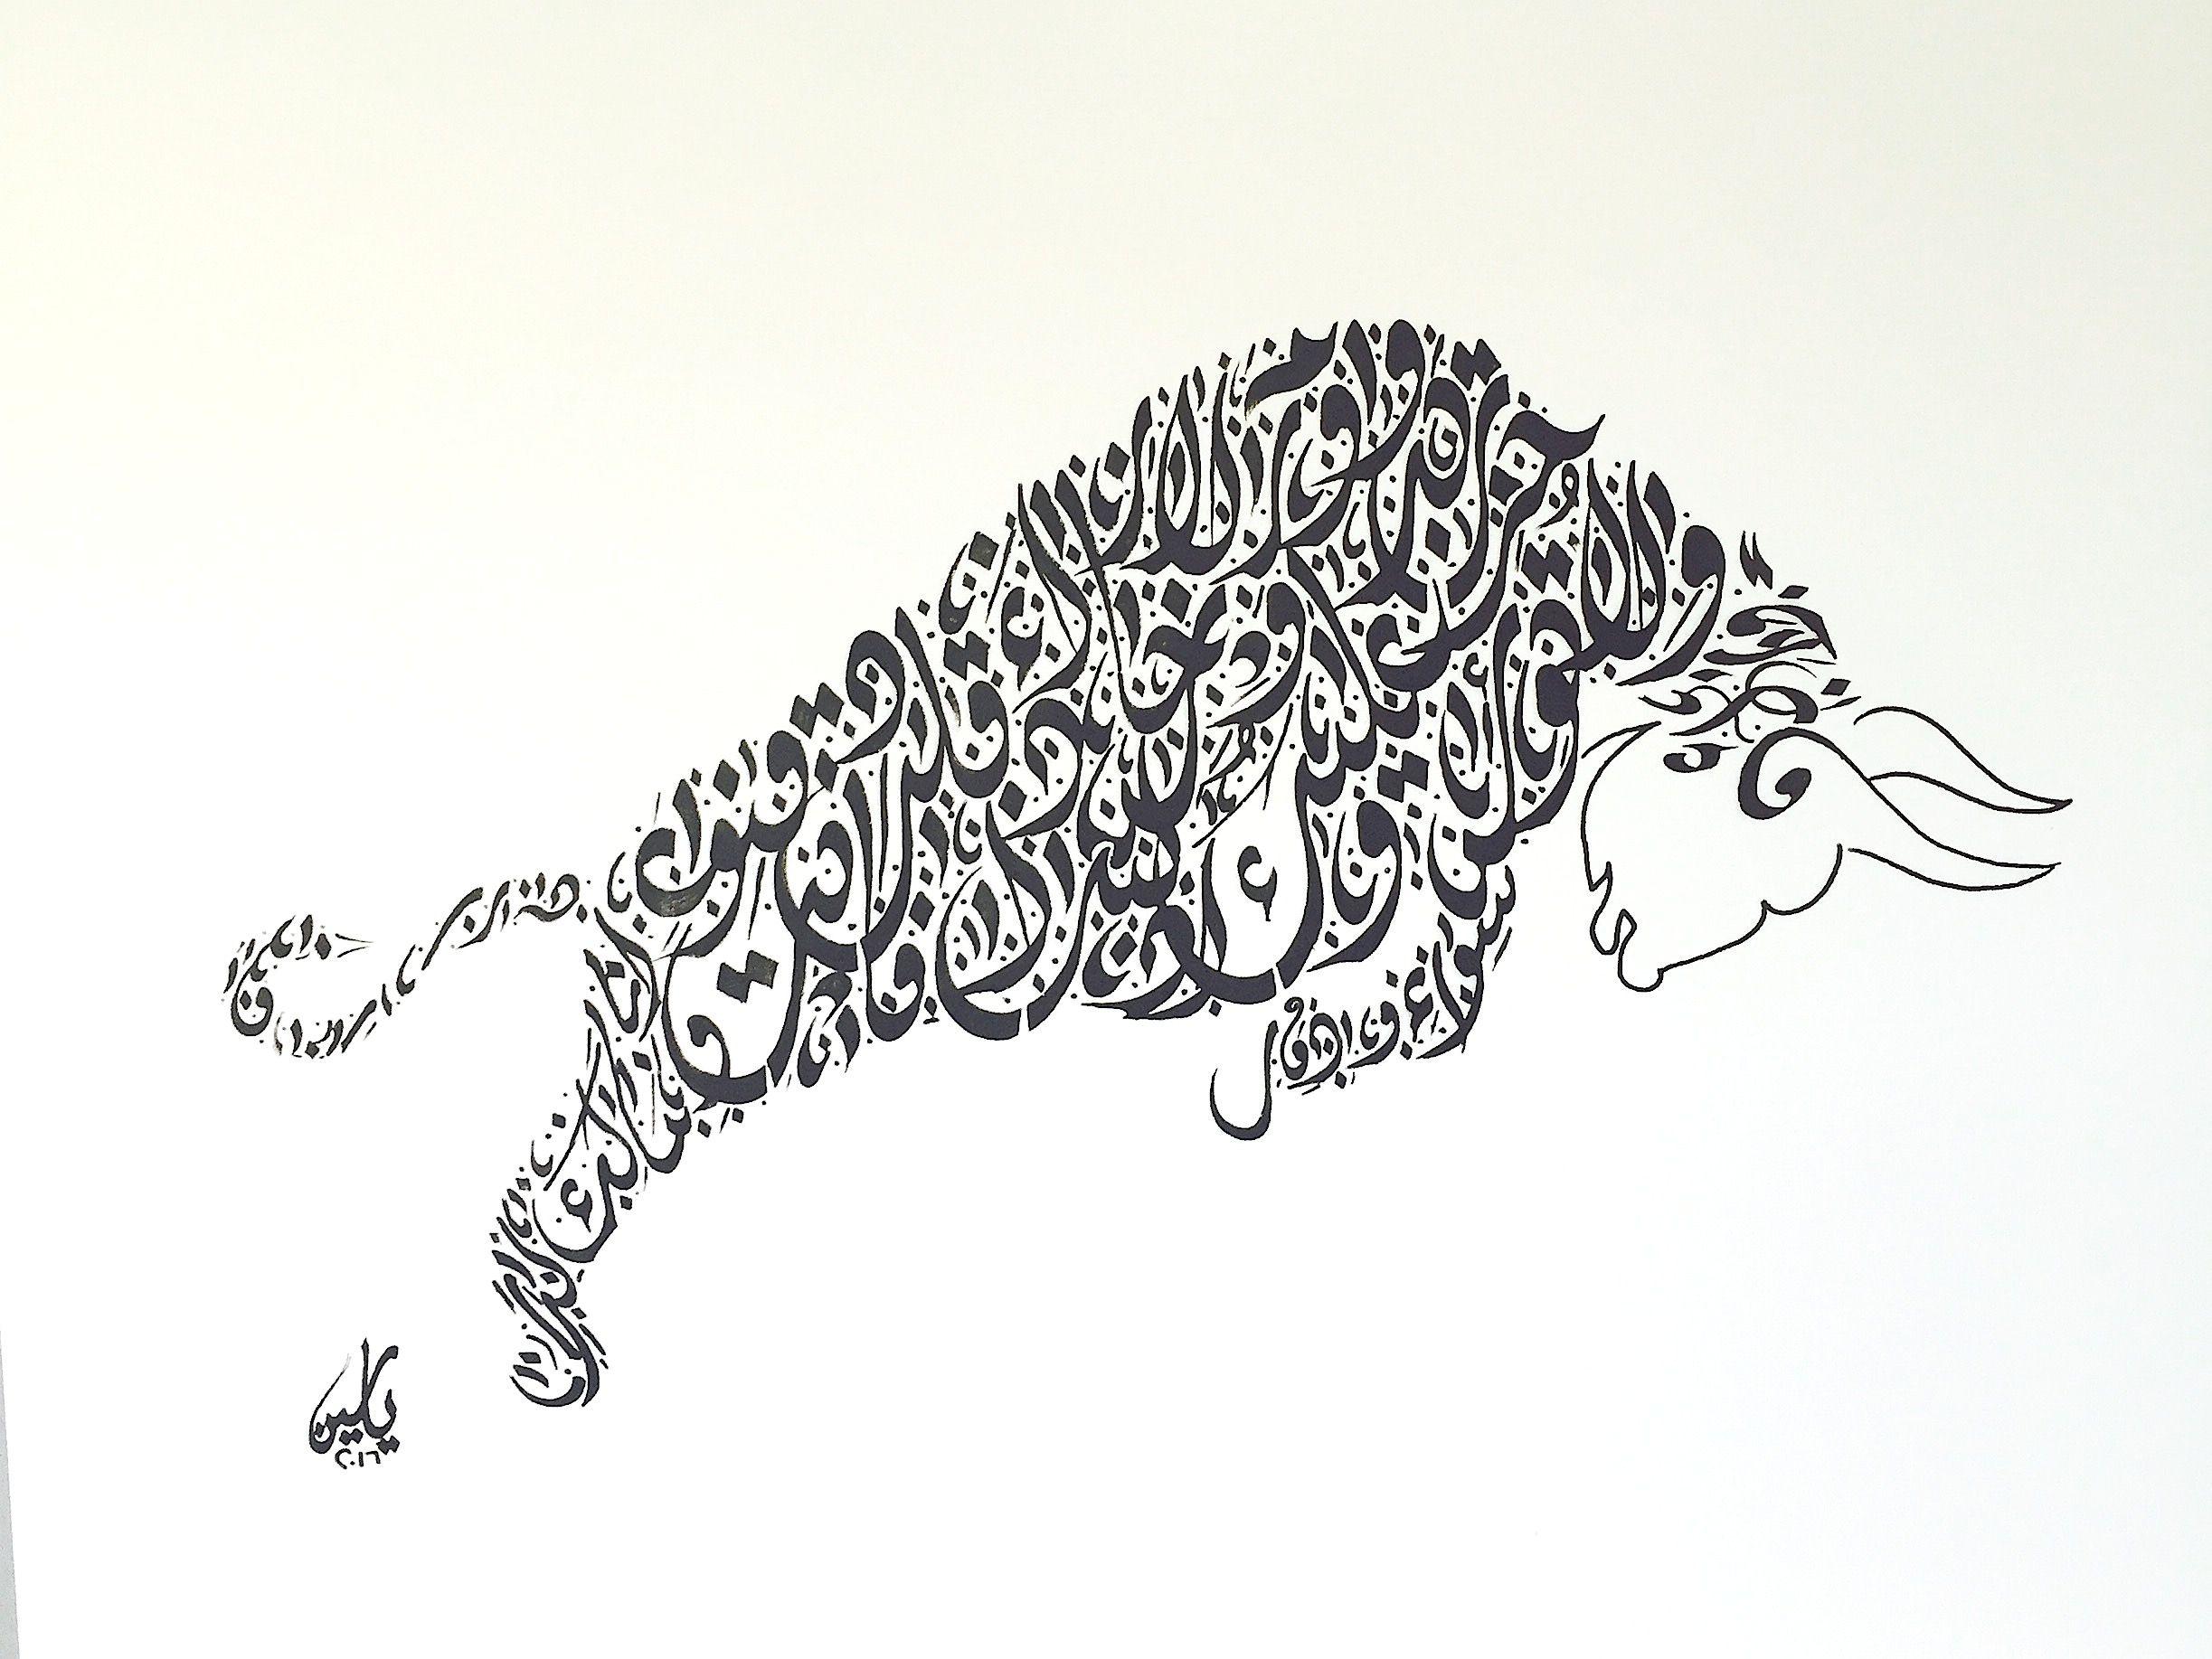 Bull of Arabia - Arabic Calligraphy | Arabic Calligraphy